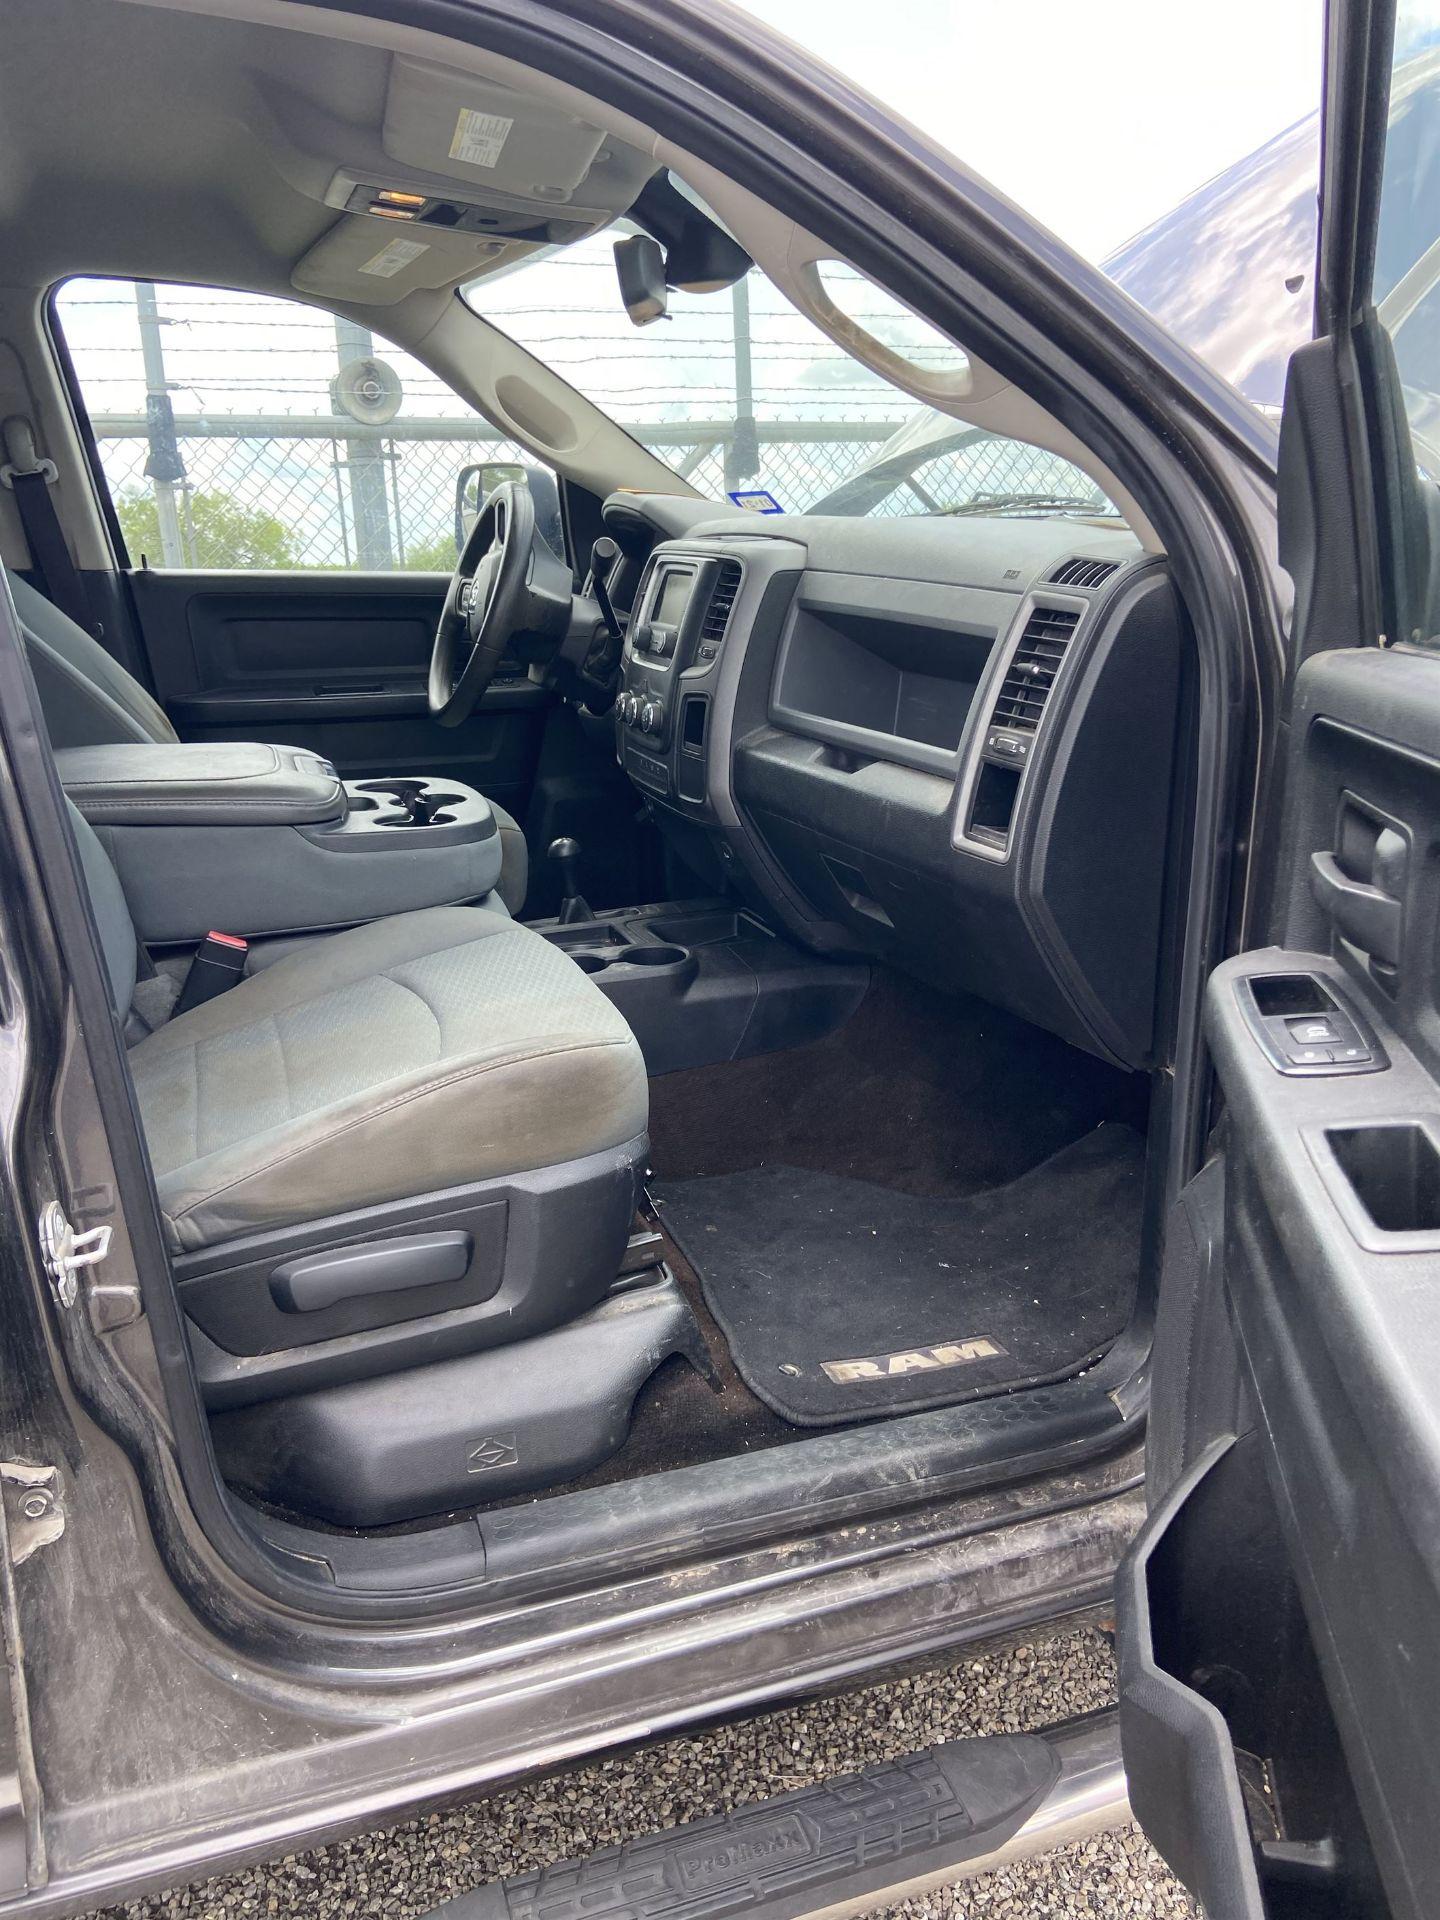 2013 Dodge Ram 2500 HD Crew Cab Long Bed, 251K Miles, Cloth, 4X4, Diesel, VIN # 3C6UR5HL1EG135730 - Image 14 of 17